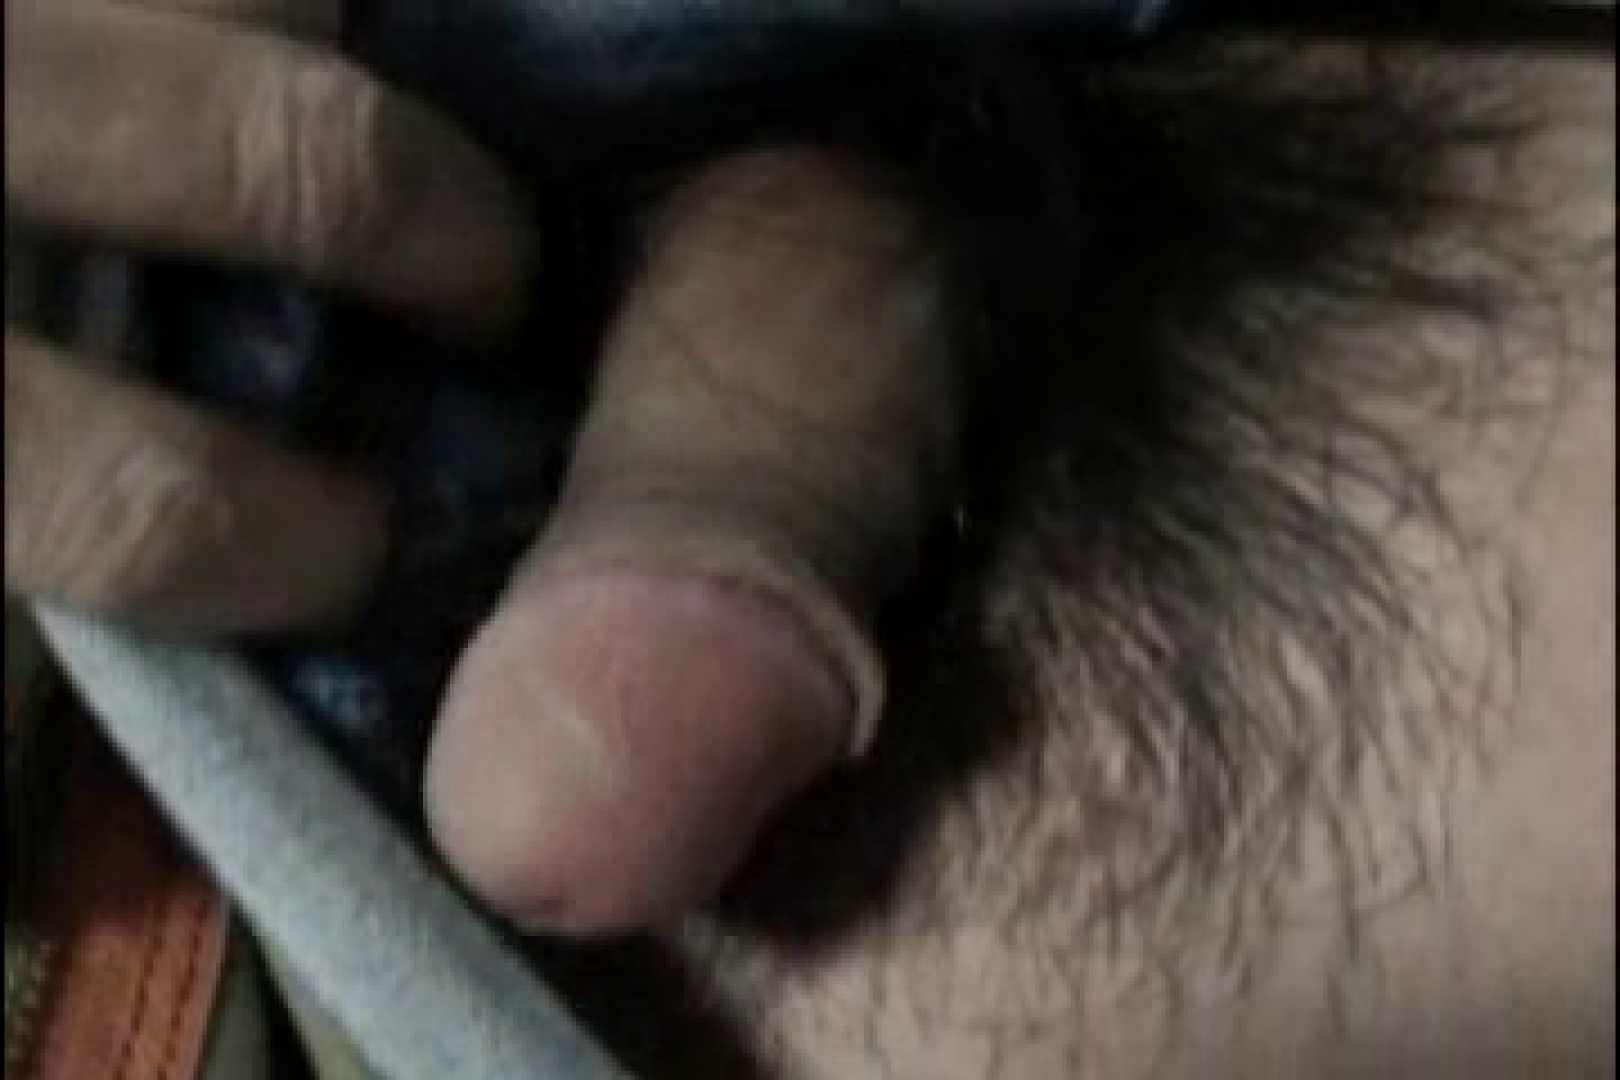 【個人買取】彼は夢の中、俺が潜入激撮!! 無修正 ゲイ丸見え画像 104pic 83